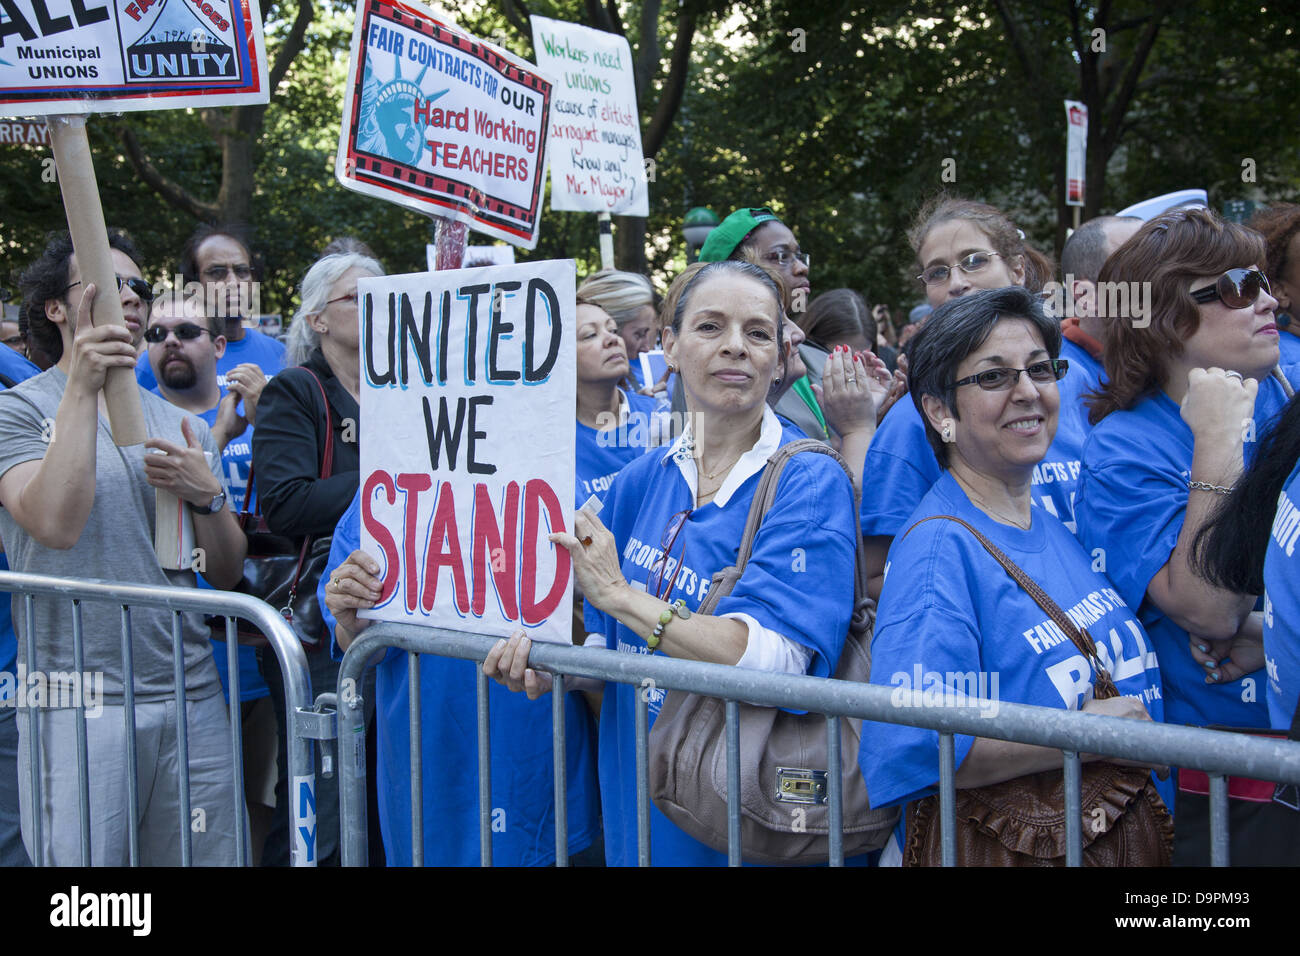 Gewerkschaftlich organisiert Stadtarbeiter durch abwechslungsreiche Berufe, FDNY, Lehrer, Krankenschwestern etc. Stockbild